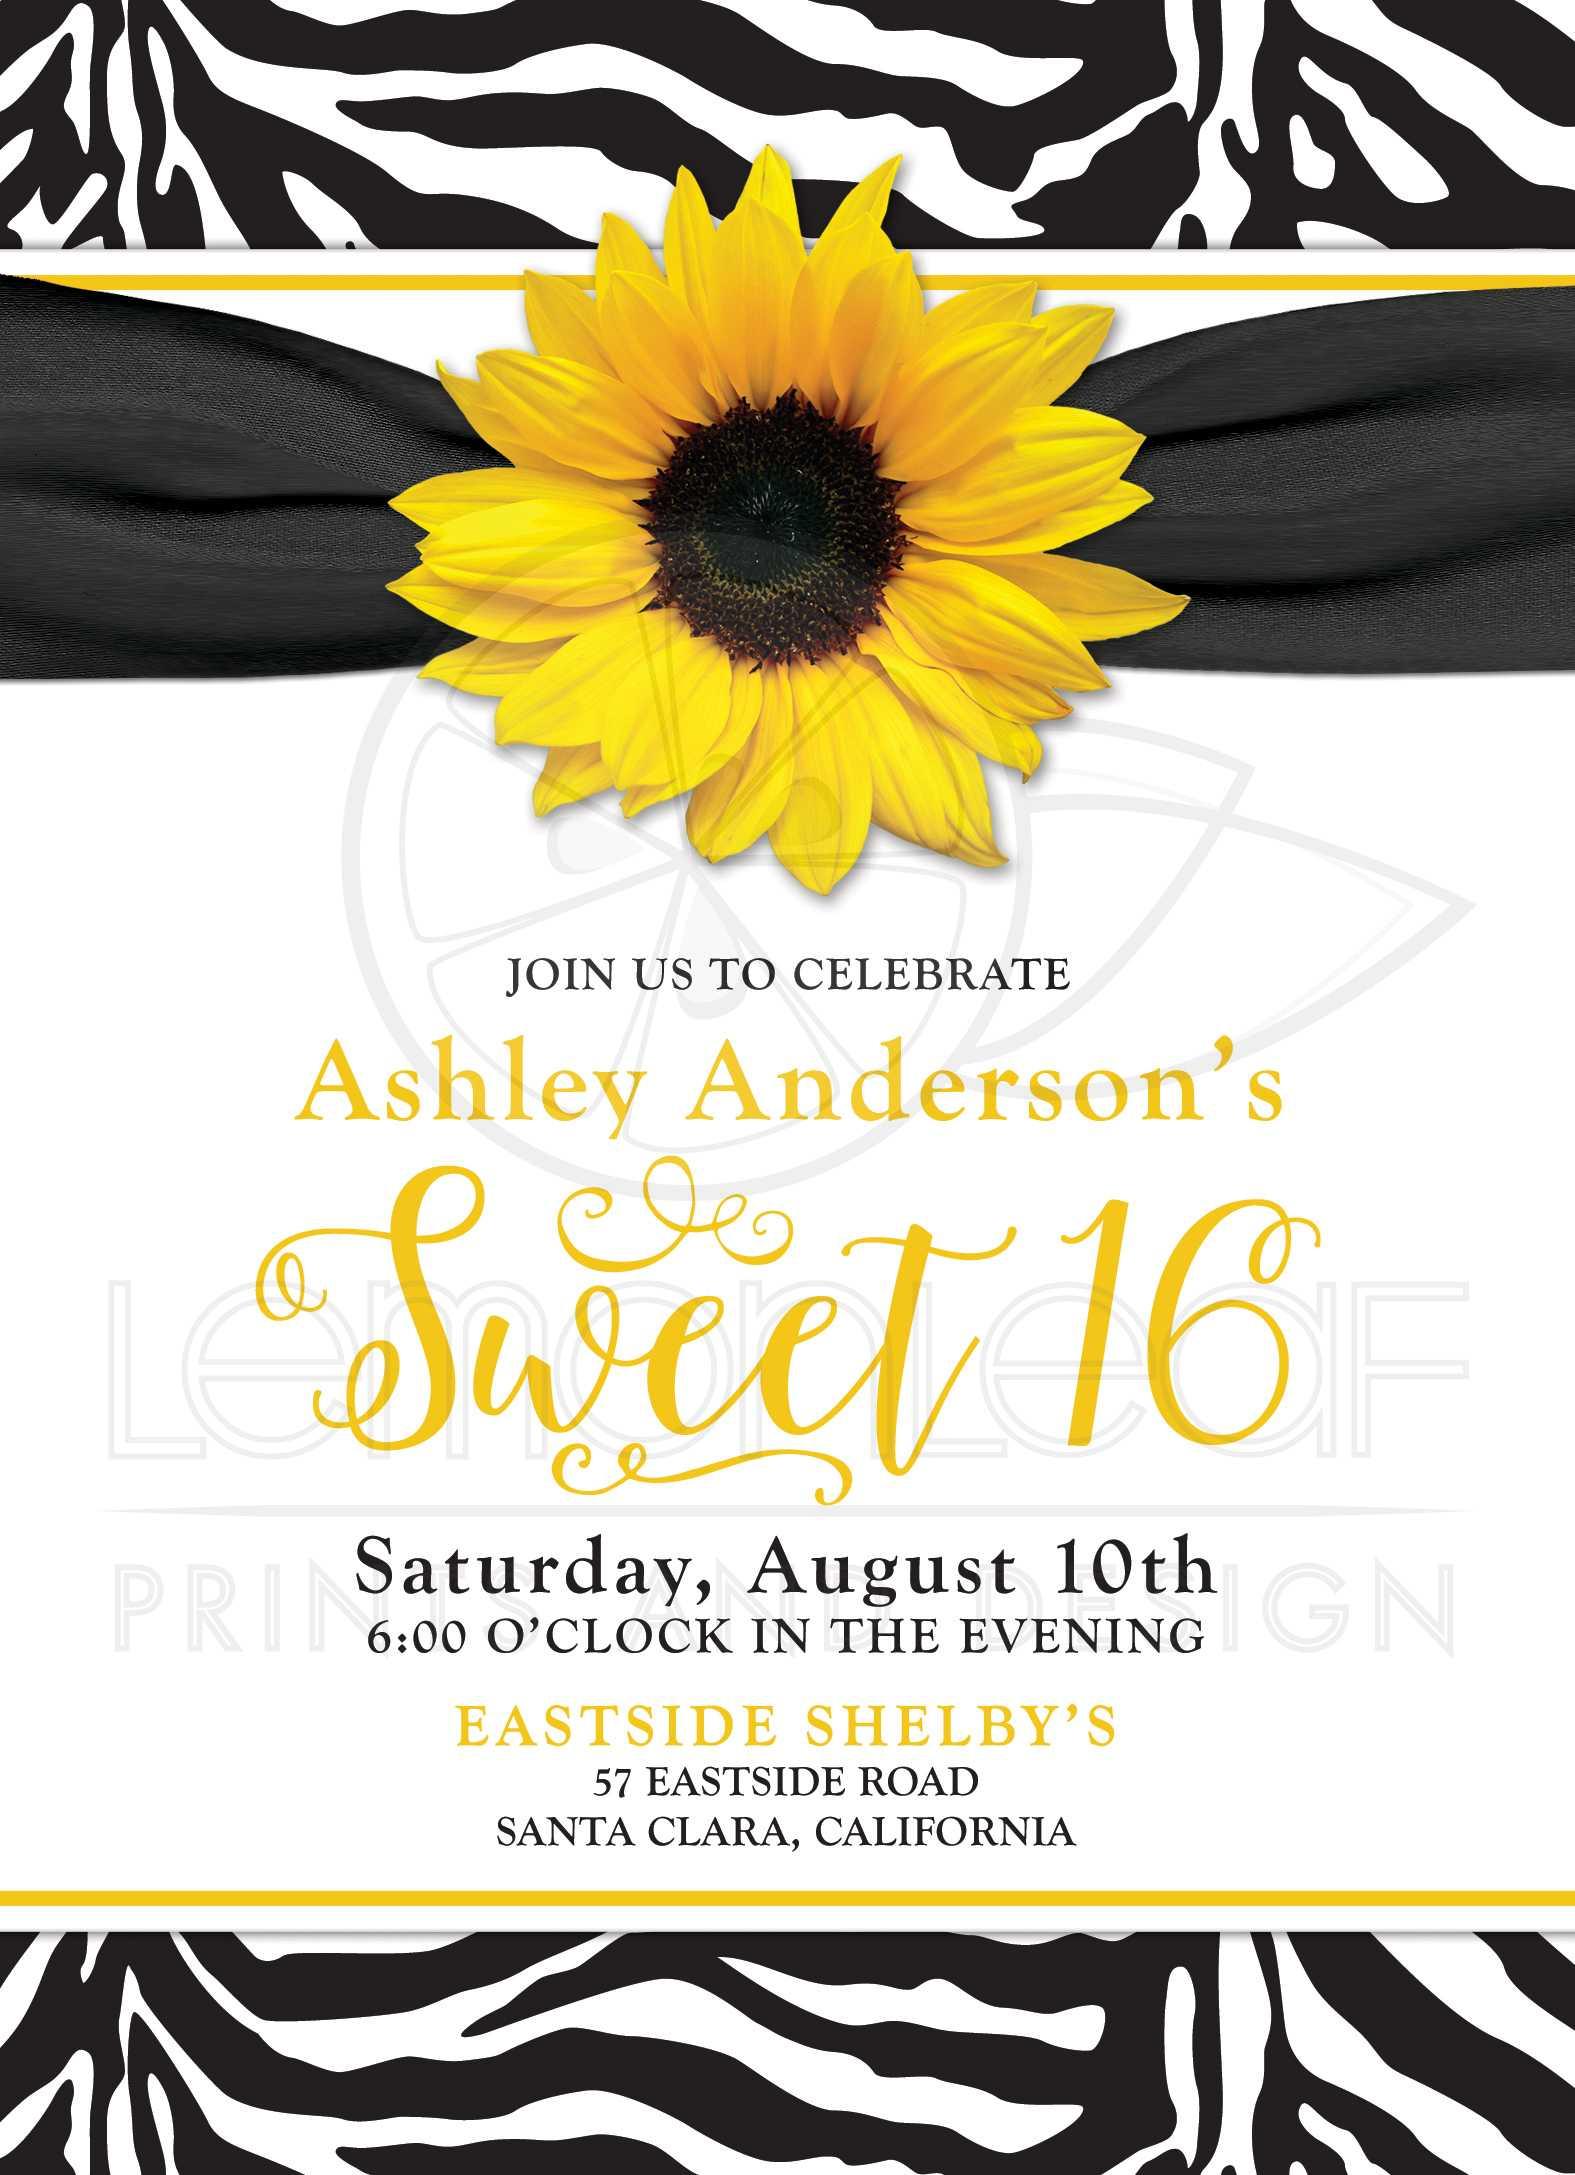 Chic Sweet 16 Birthday Invitation | Yellow Sunflower Black White ...